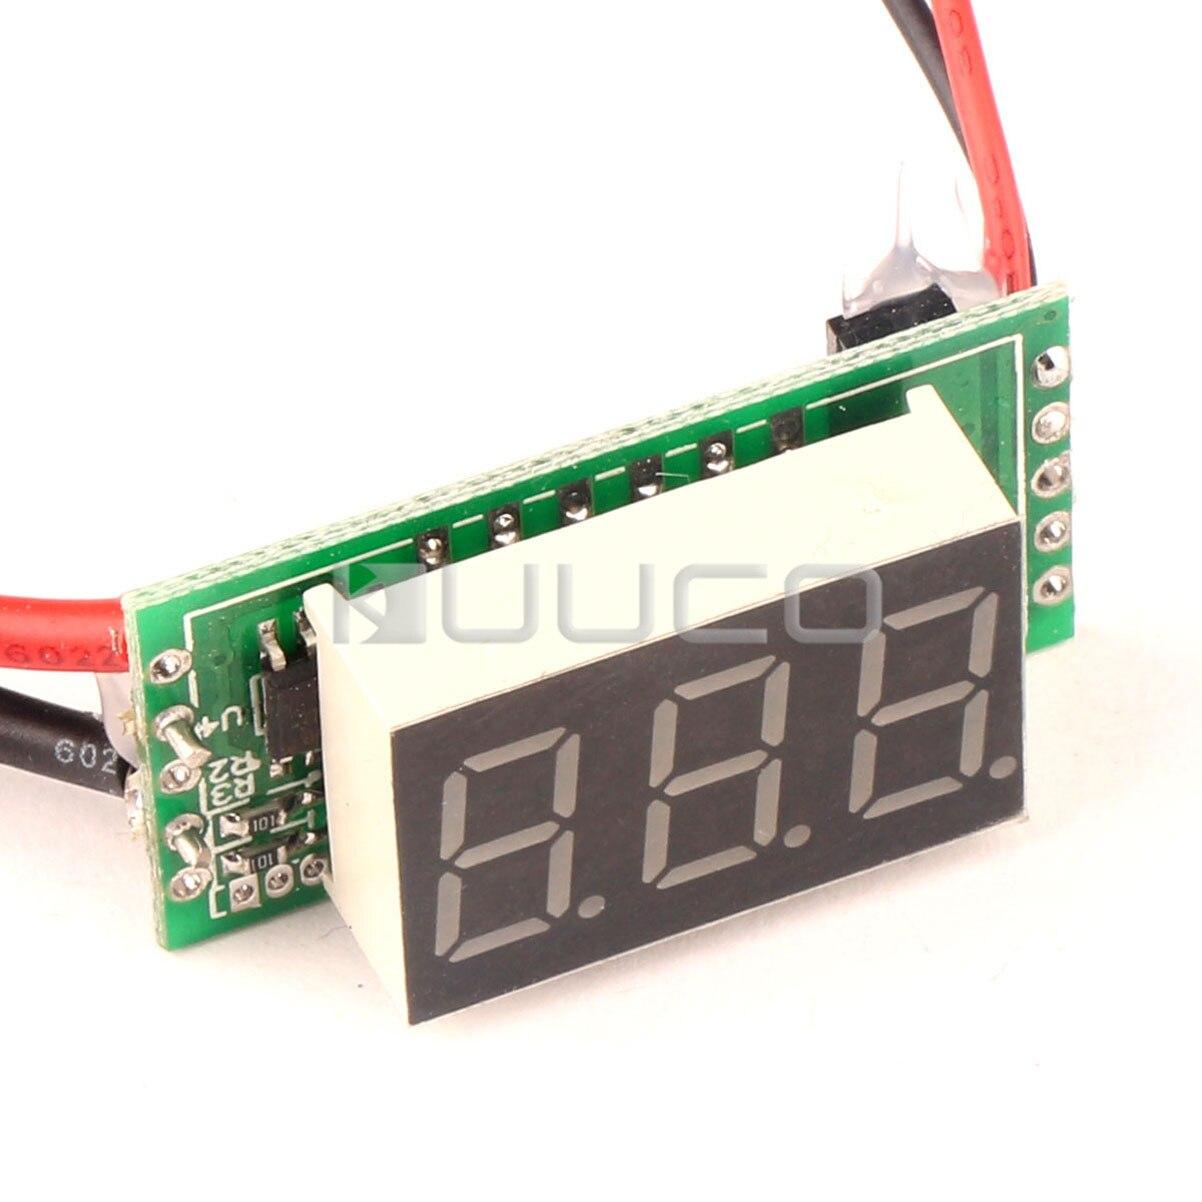 small resolution of 1 x digital ammeter 100222 k11 100222 k12 100222 k13 100222 k14 100222 k15 100222 k16 100222 k17